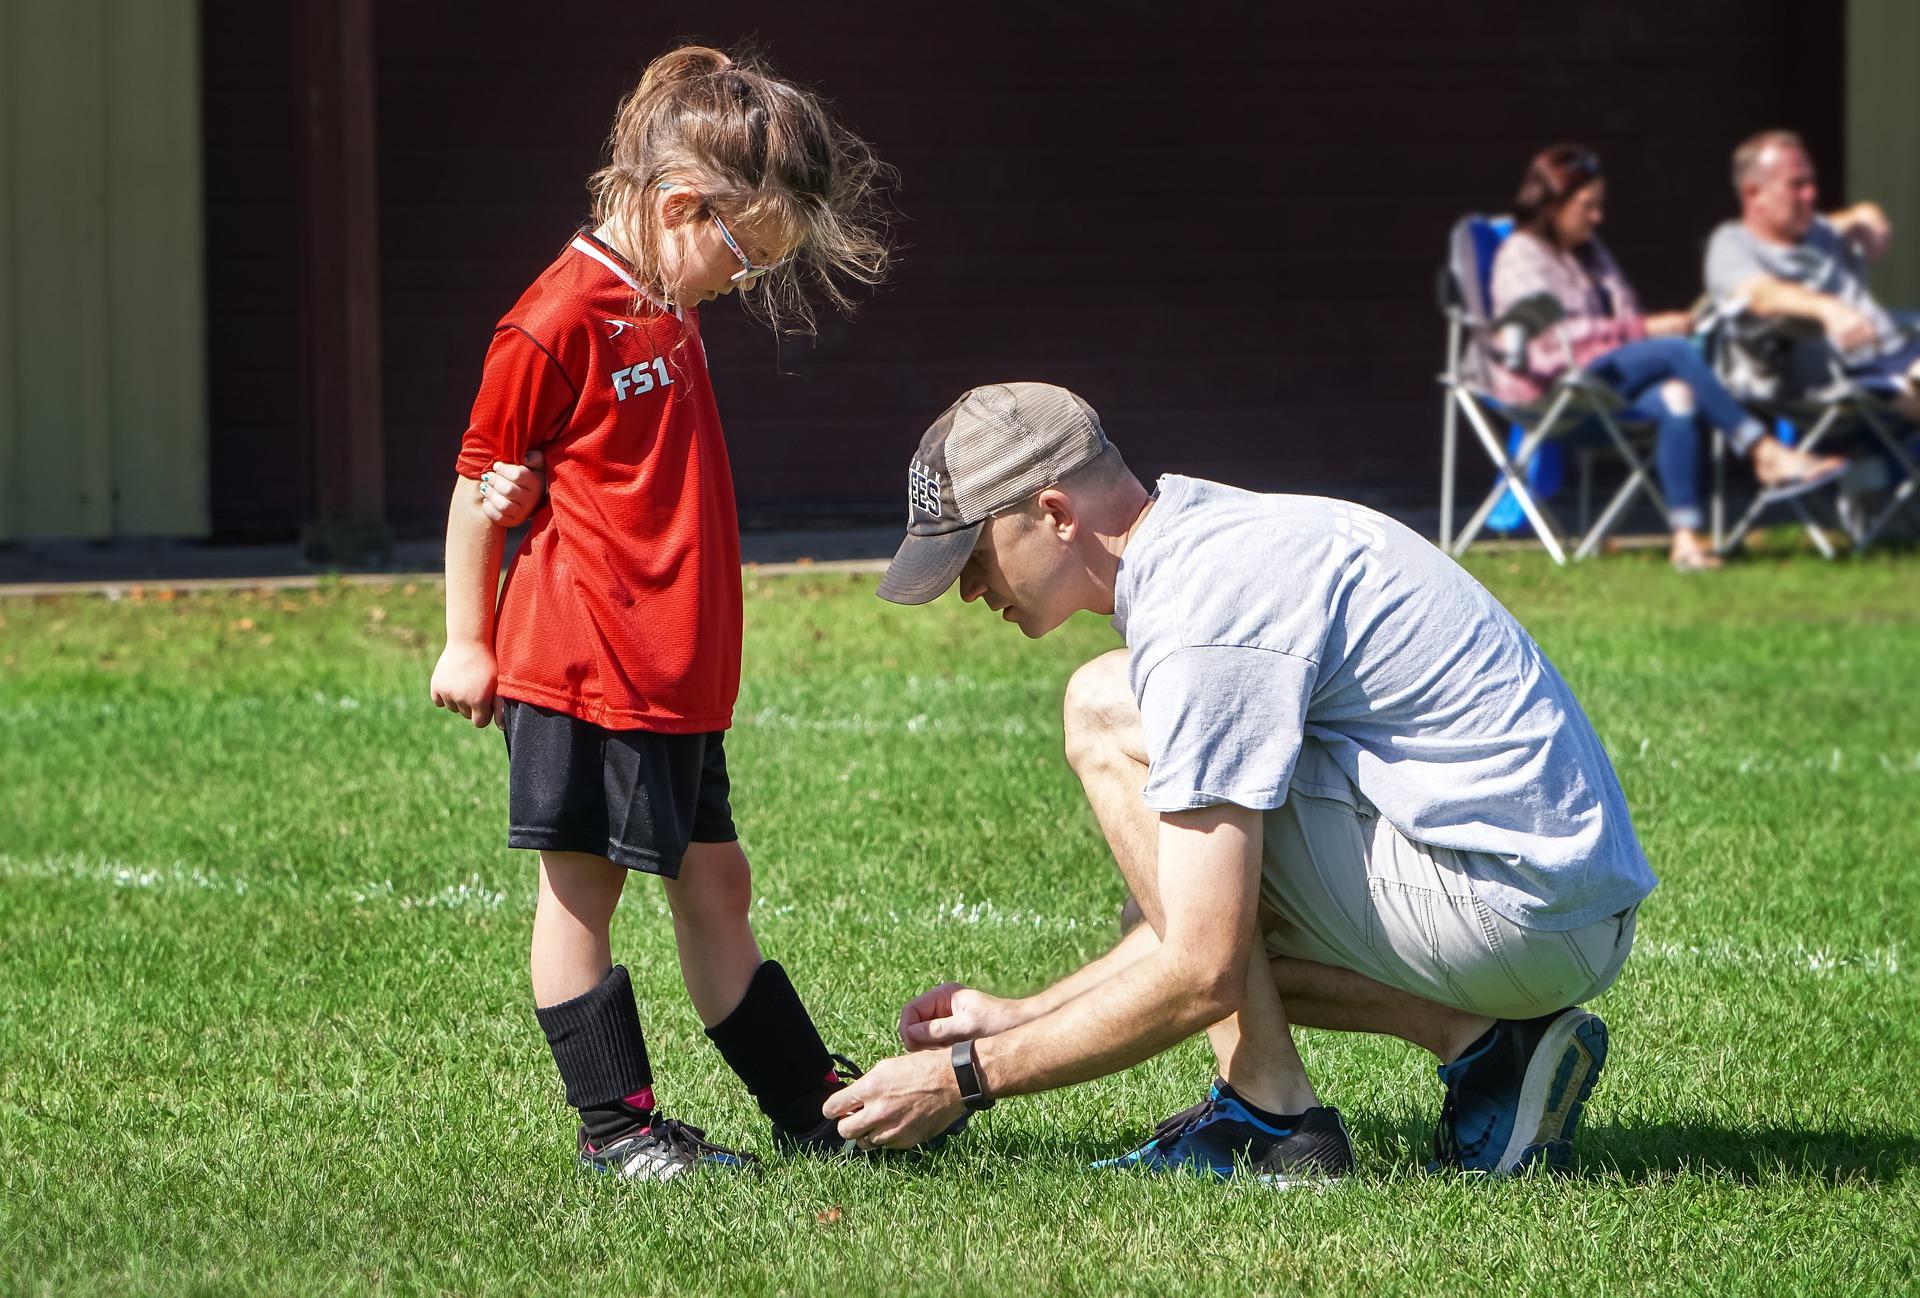 サッカーコーチと子ども